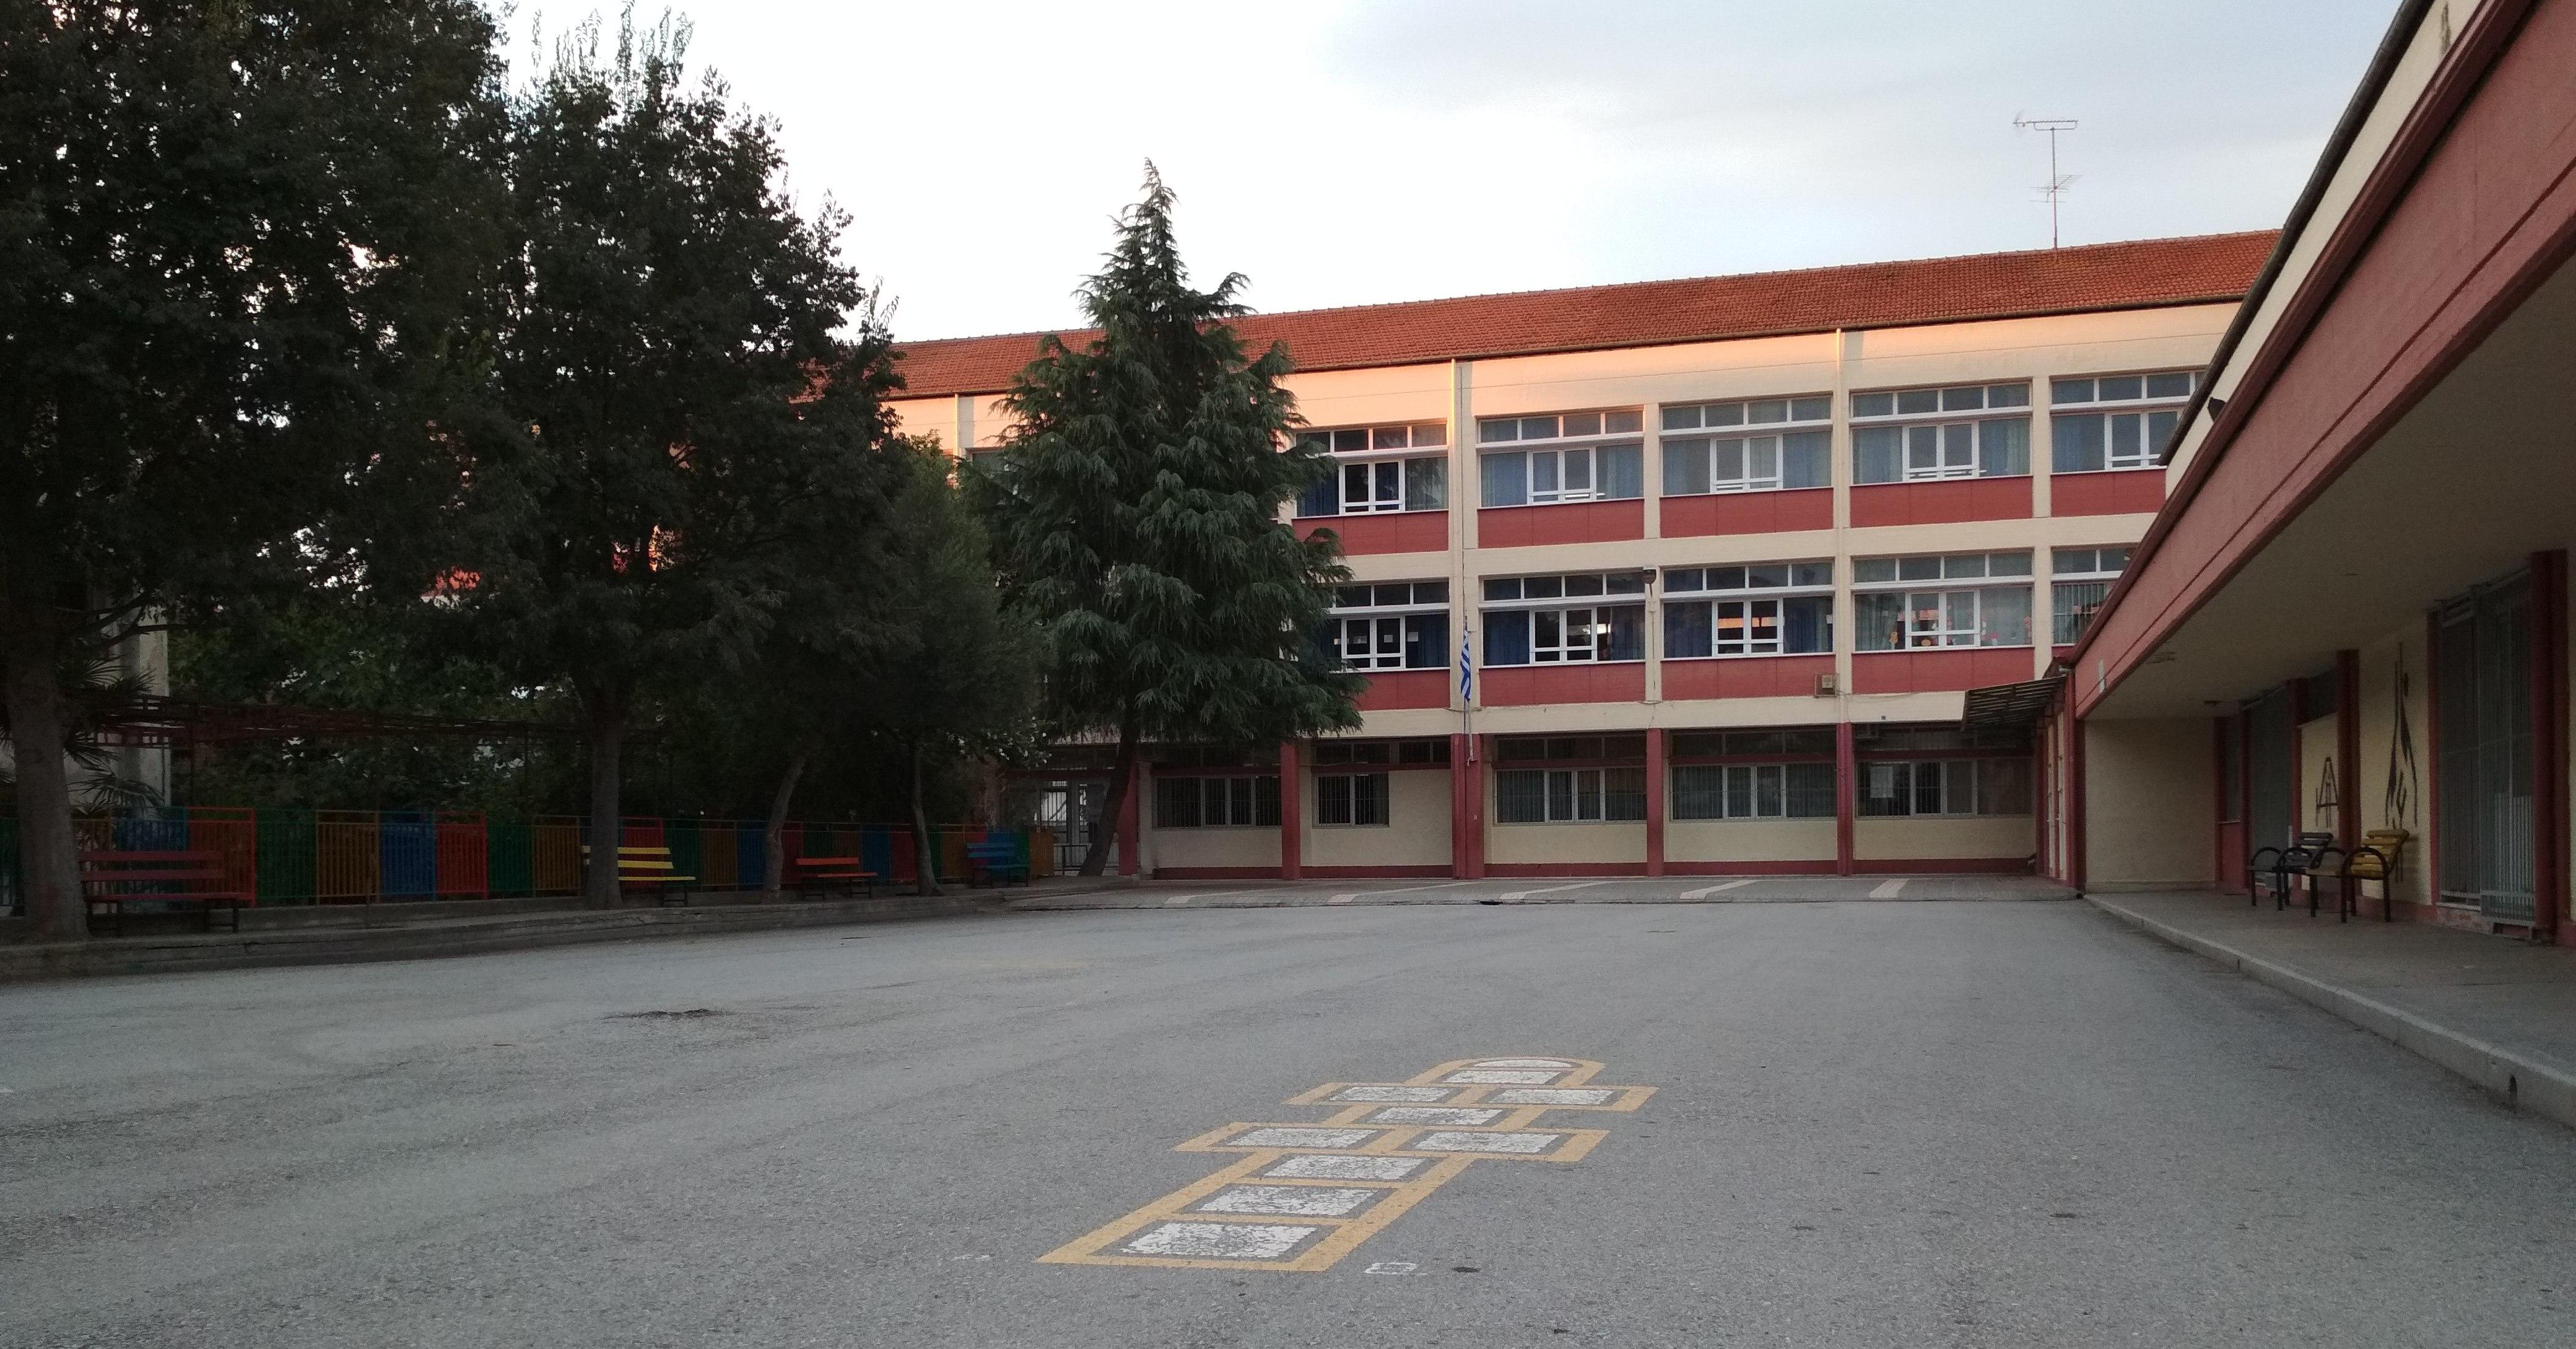 Δήμος Κατερίνης – Έτοιμα και ασφαλή για την επαναλειτουργία τους τα σχολεία